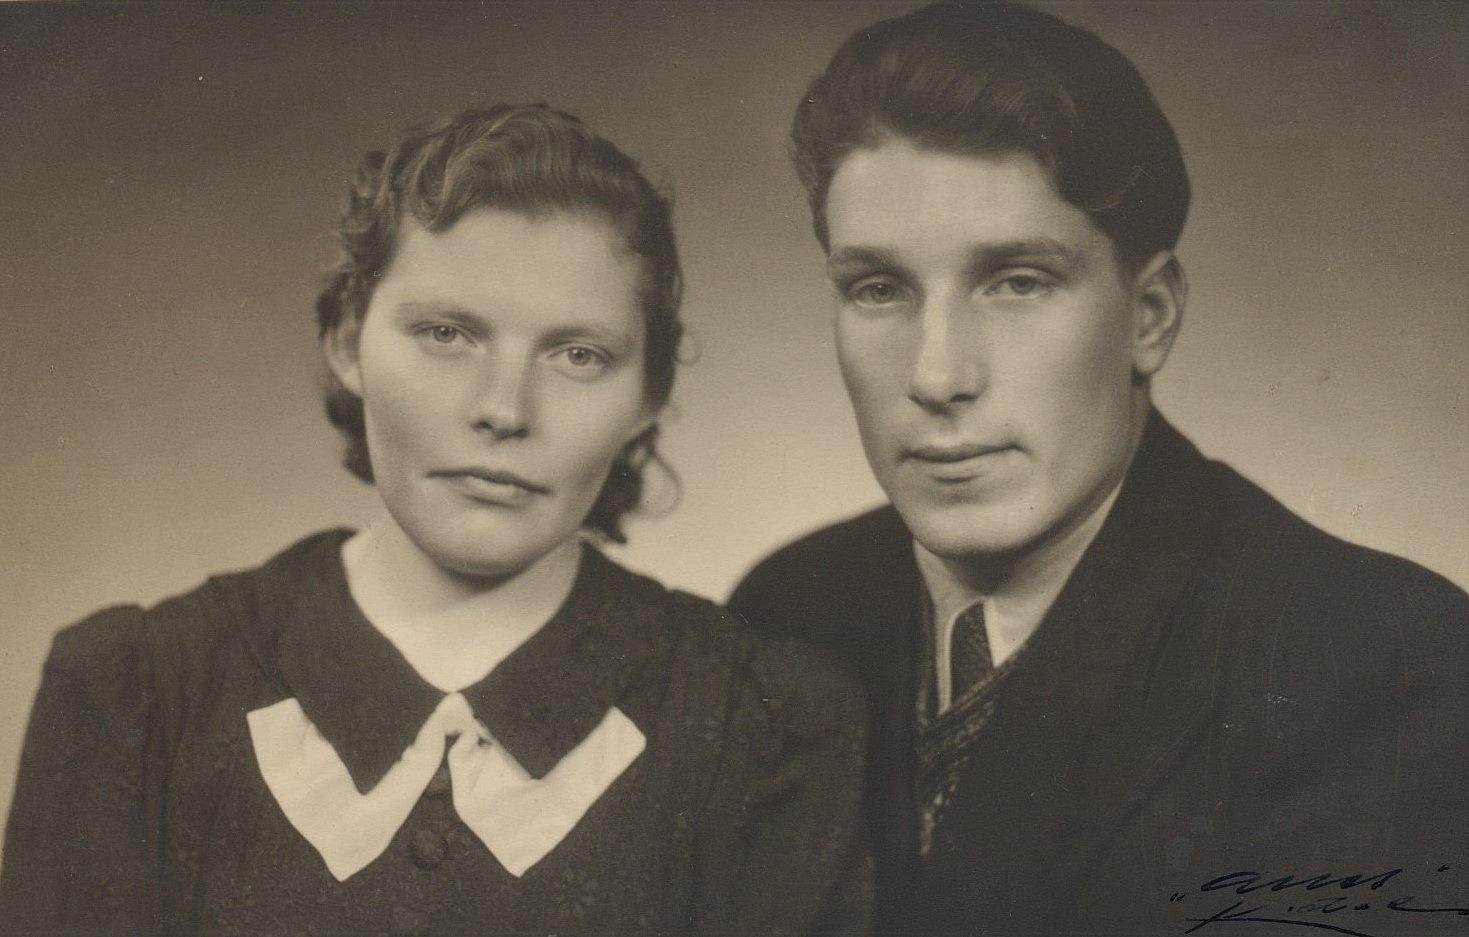 """Anna Åberg (1920-1994) som 1943 gifte sig med Alvar Hammarberg (1922-1988) men de skilde sig efter ett par år och Alvar flyttade då till Åland. Alvar var son till """"Motta-Kalle"""", alltså Karl Hammarberg."""